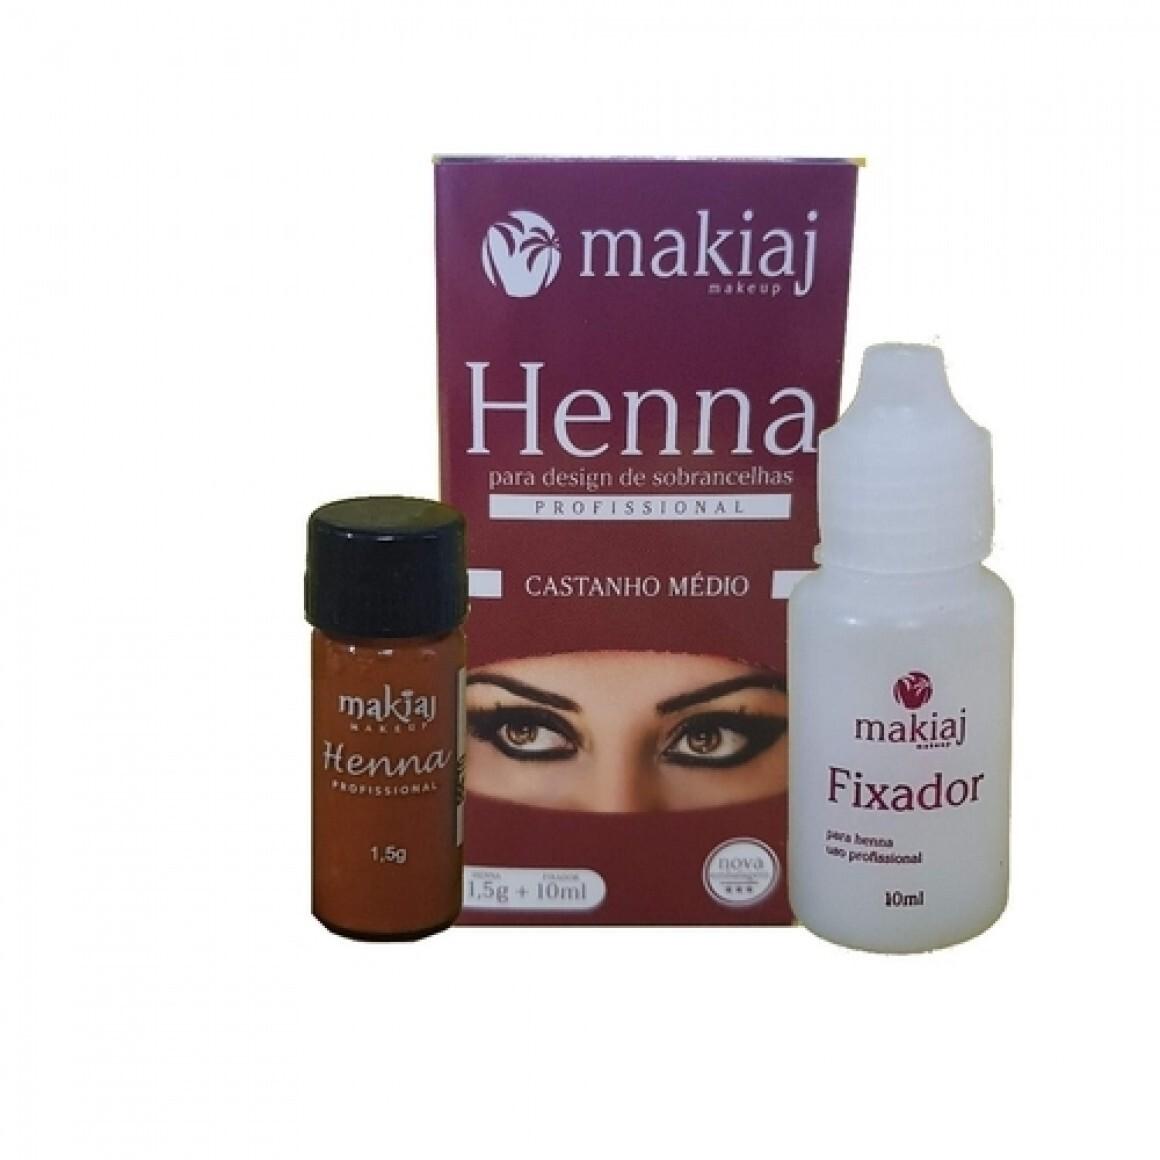 Henna + Fixador (CASTANHO MEDIO) - Makiaj